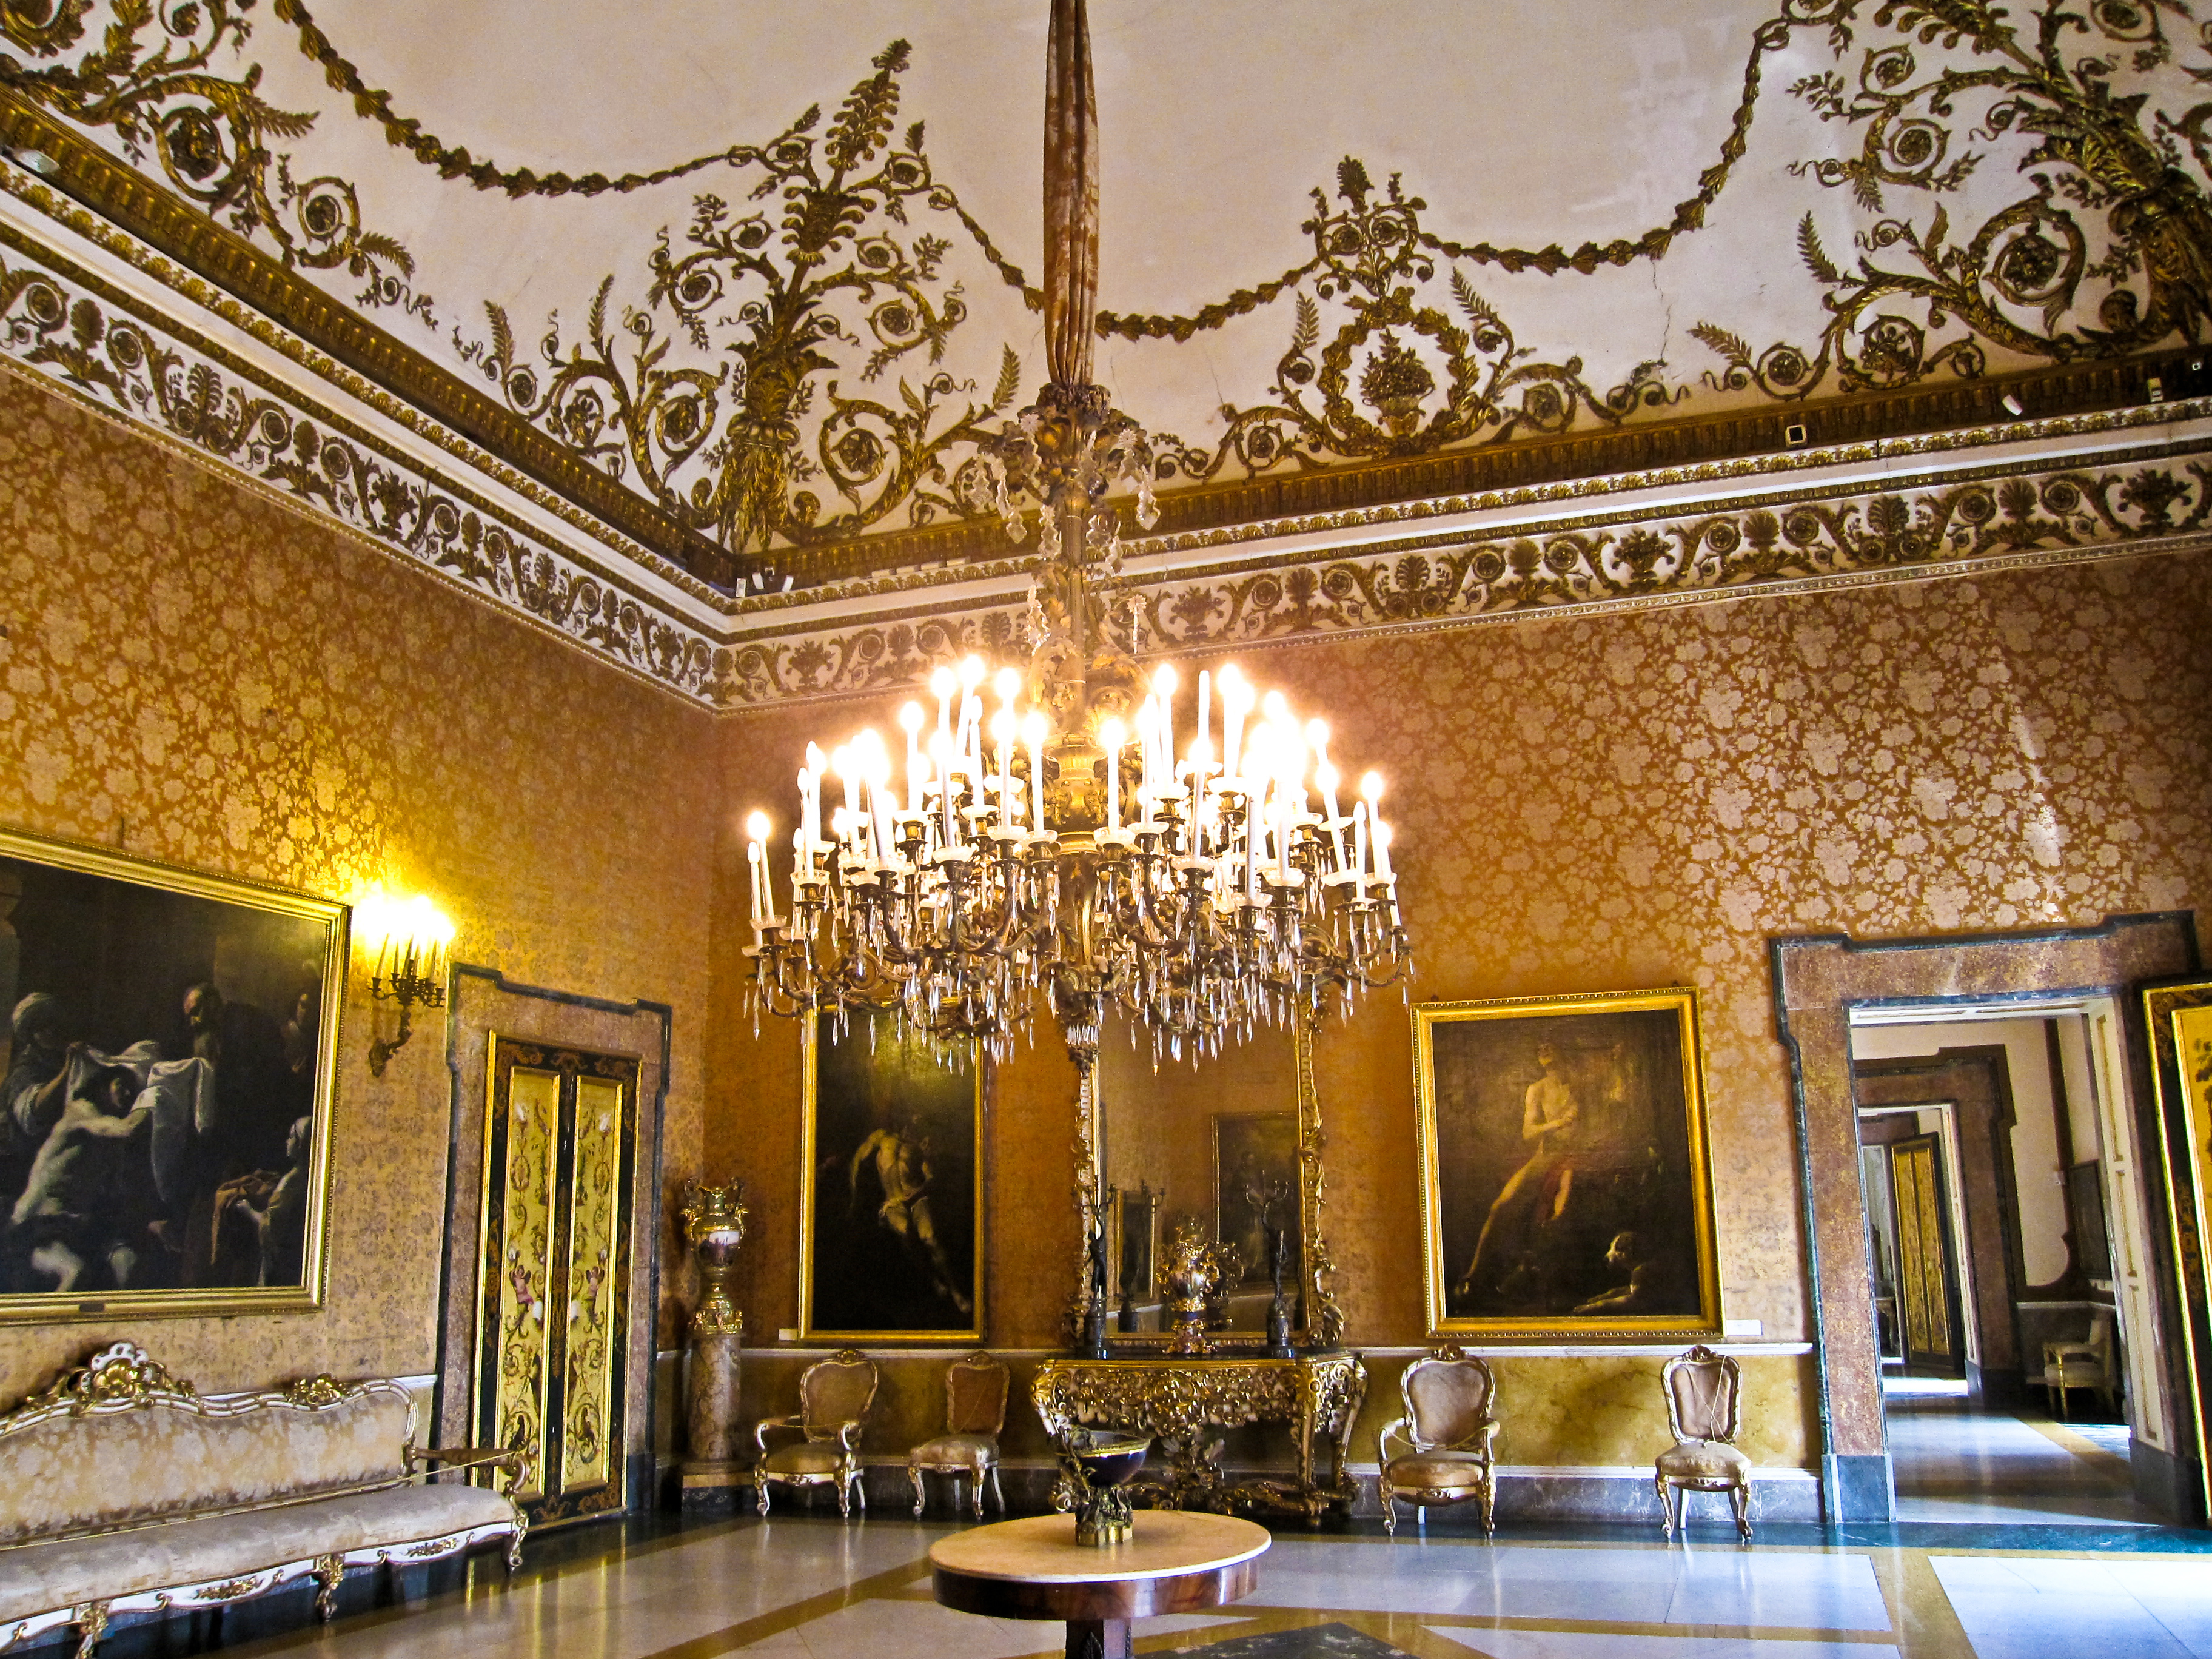 Jazz a corte al palazzo reale di napoli con i giovani for Planimetrie del palazzo con sala da ballo